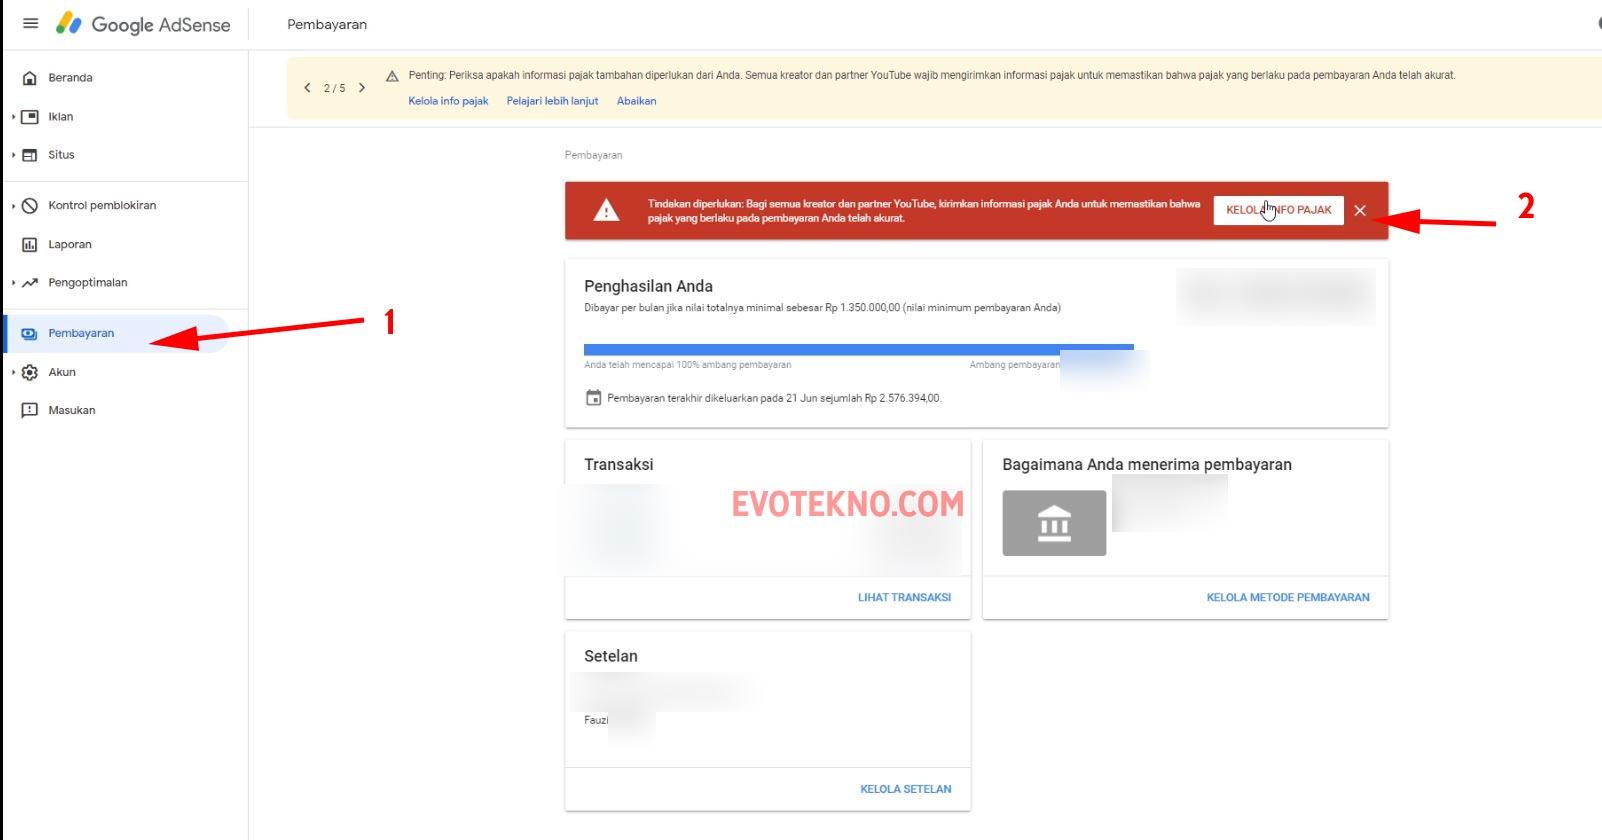 Google Adsense - Pembayaran - Kelola Info Pajak